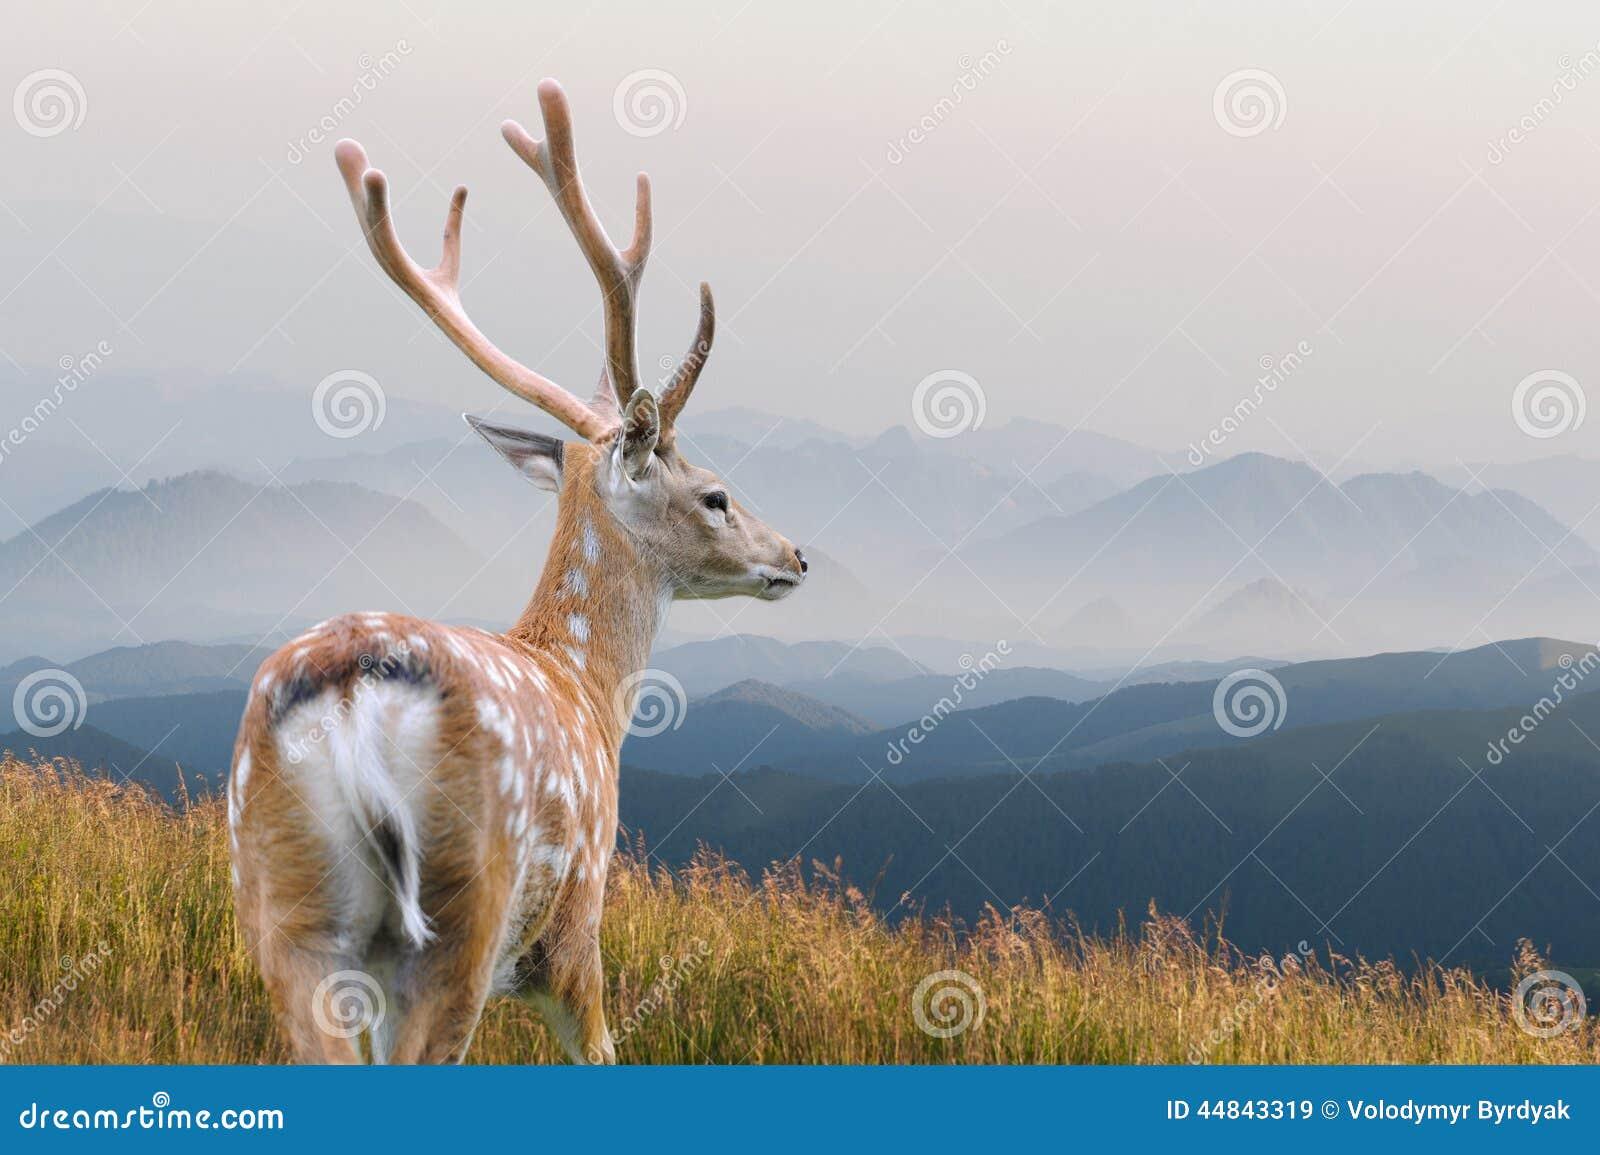 鹿讨好爱恋的妈妈注意白尾鹿